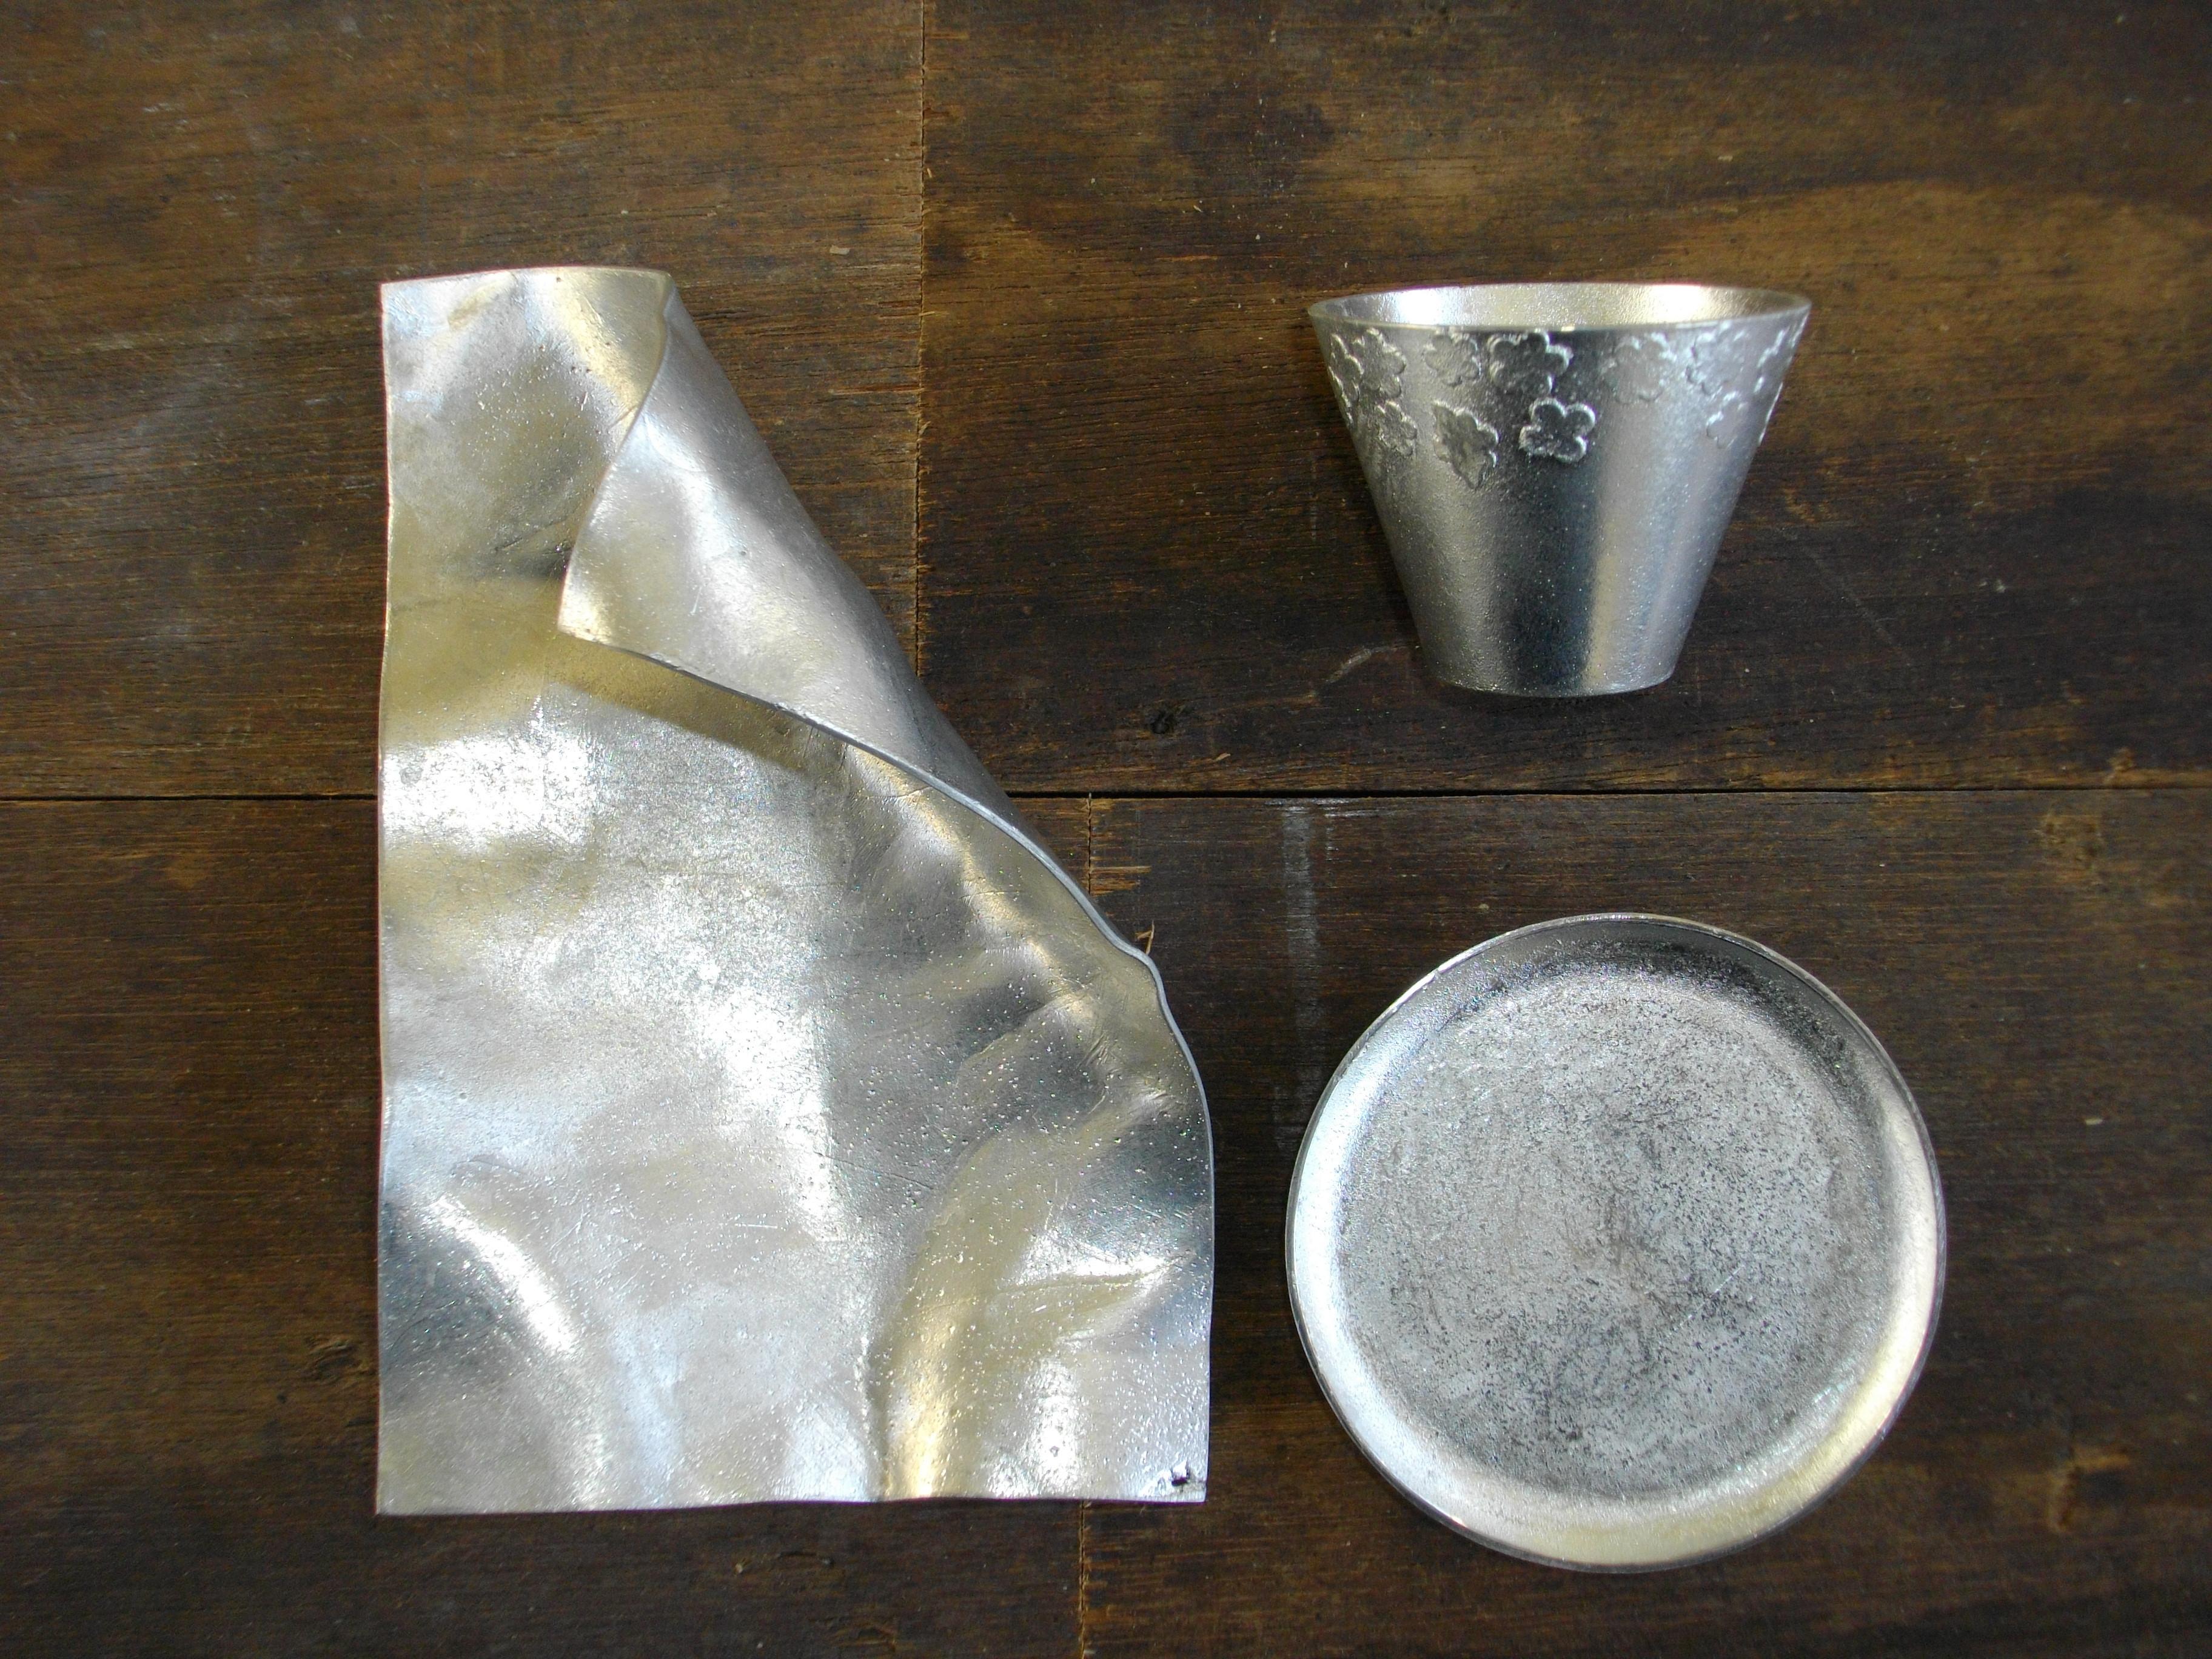 鋳物鋳造体験